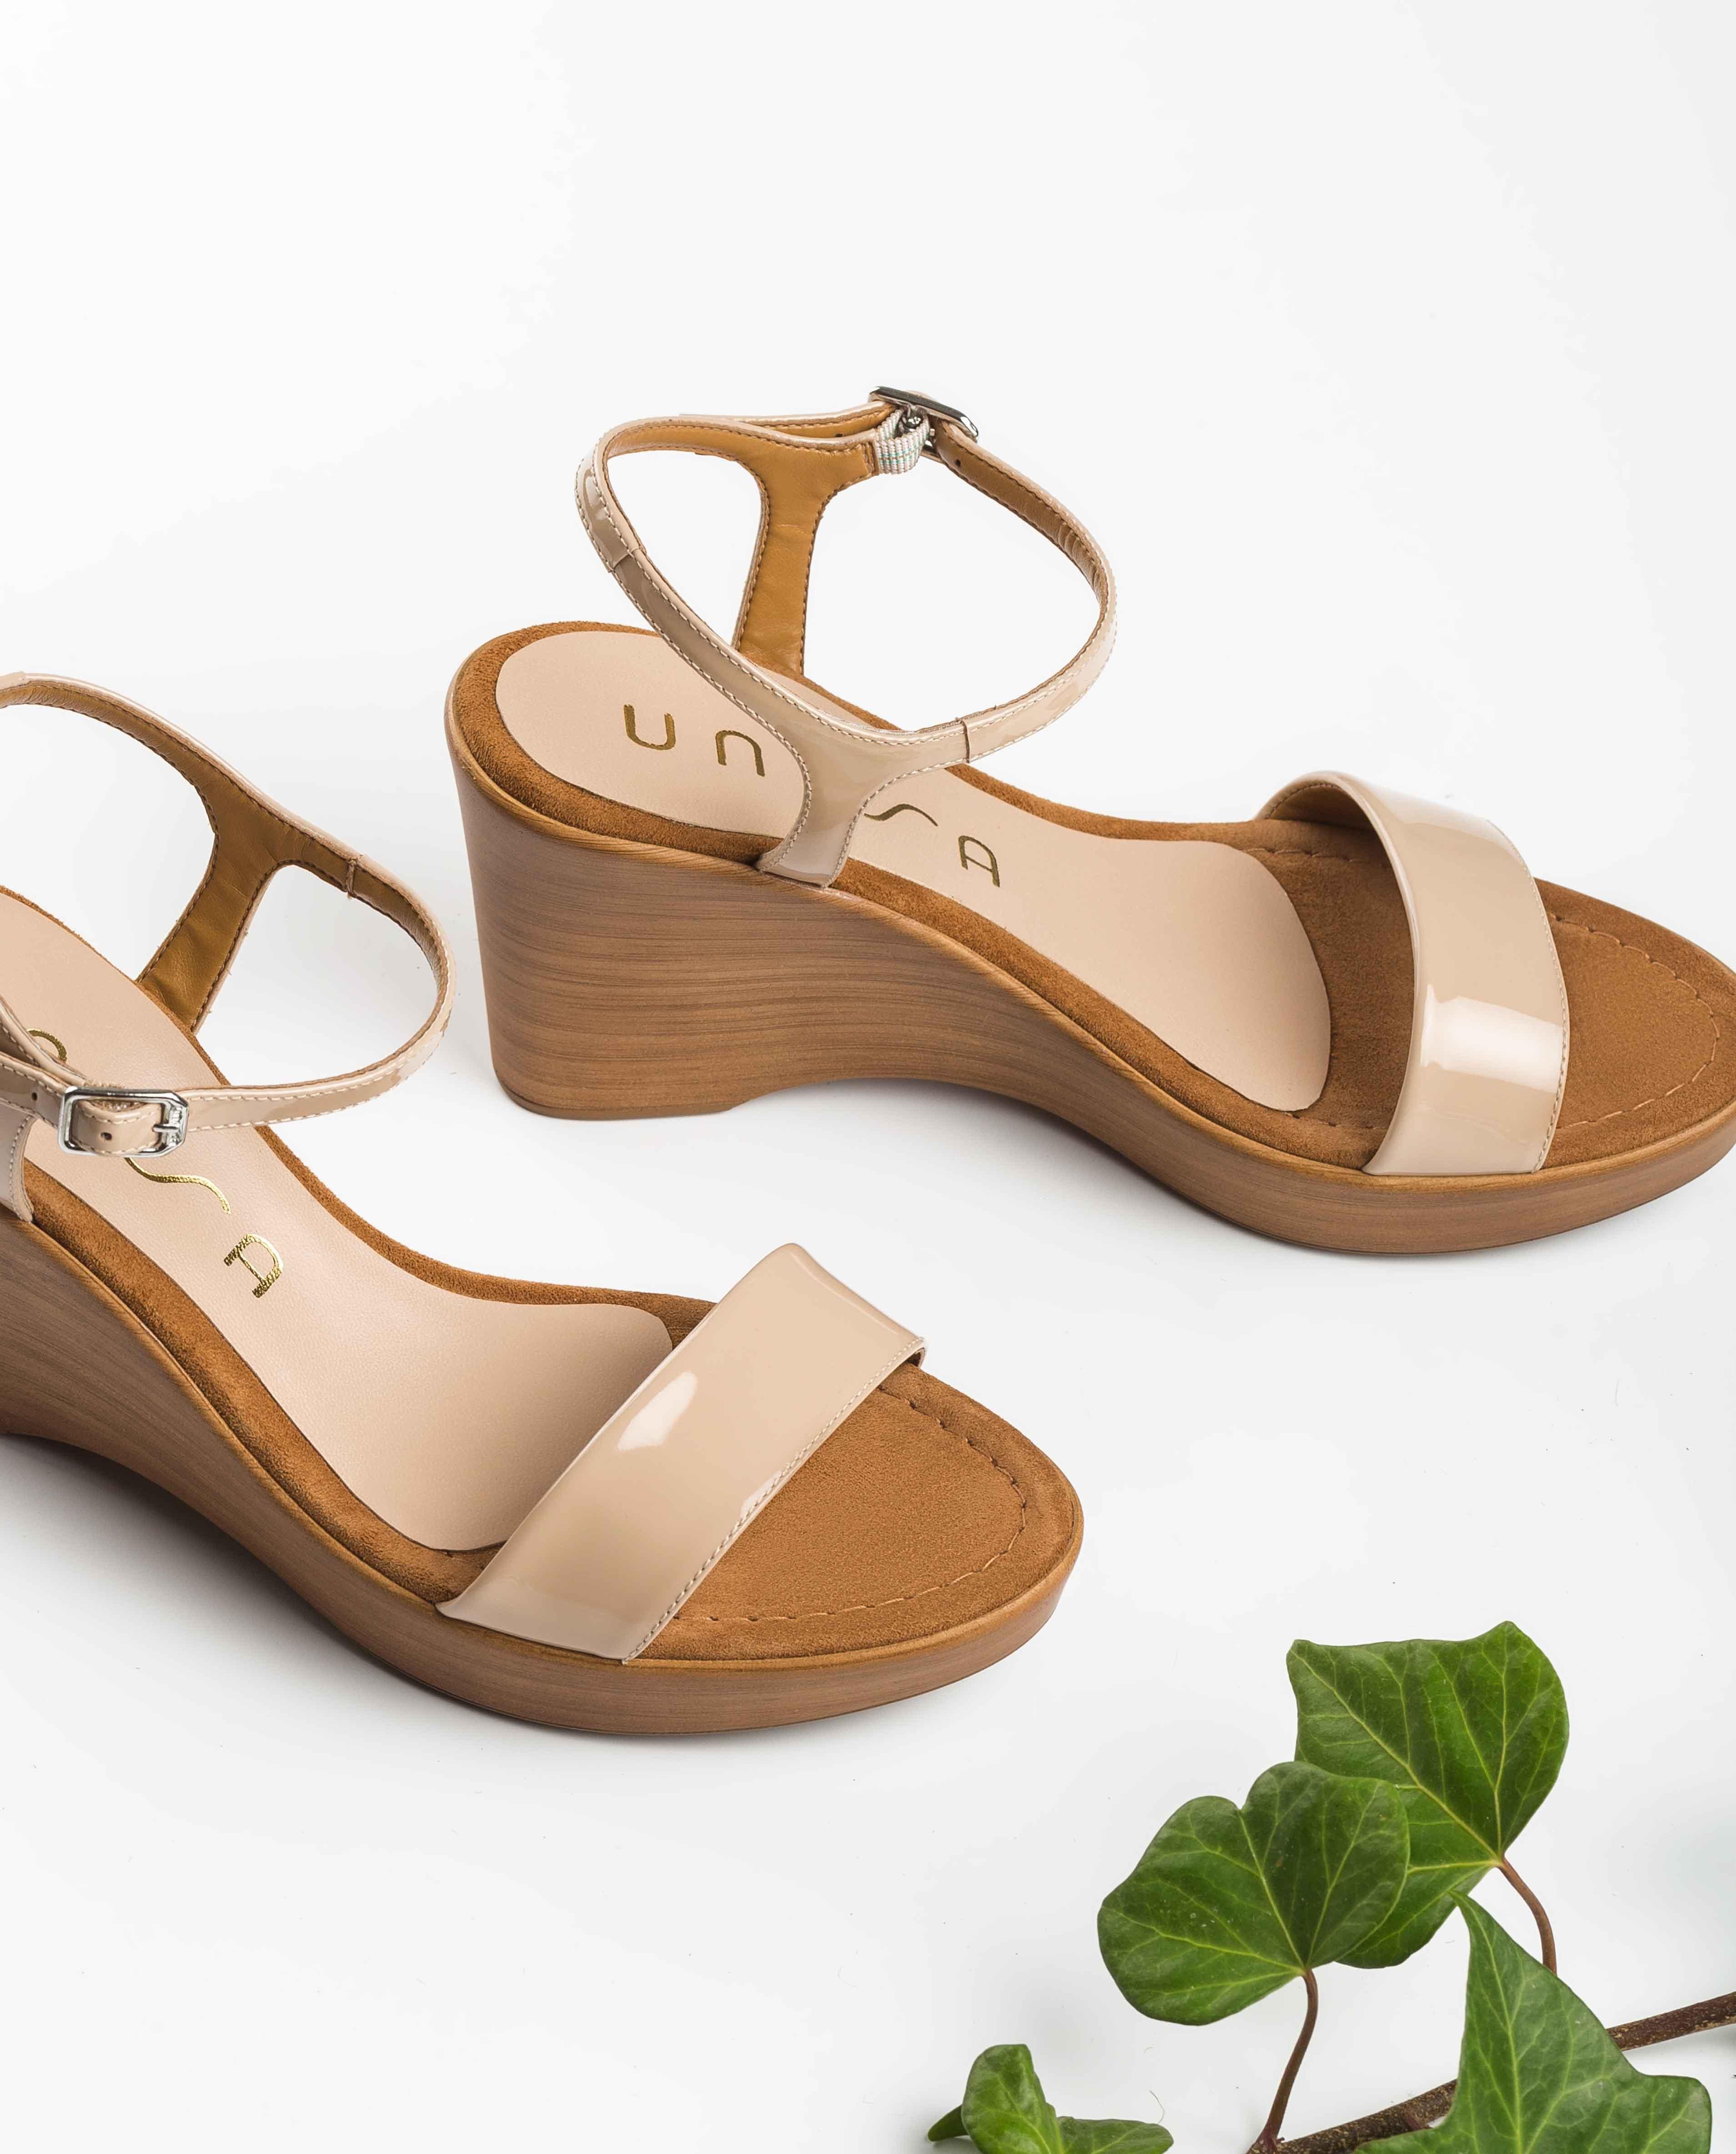 UNISA Sandale couleur nude RITA_20_PA nude 3